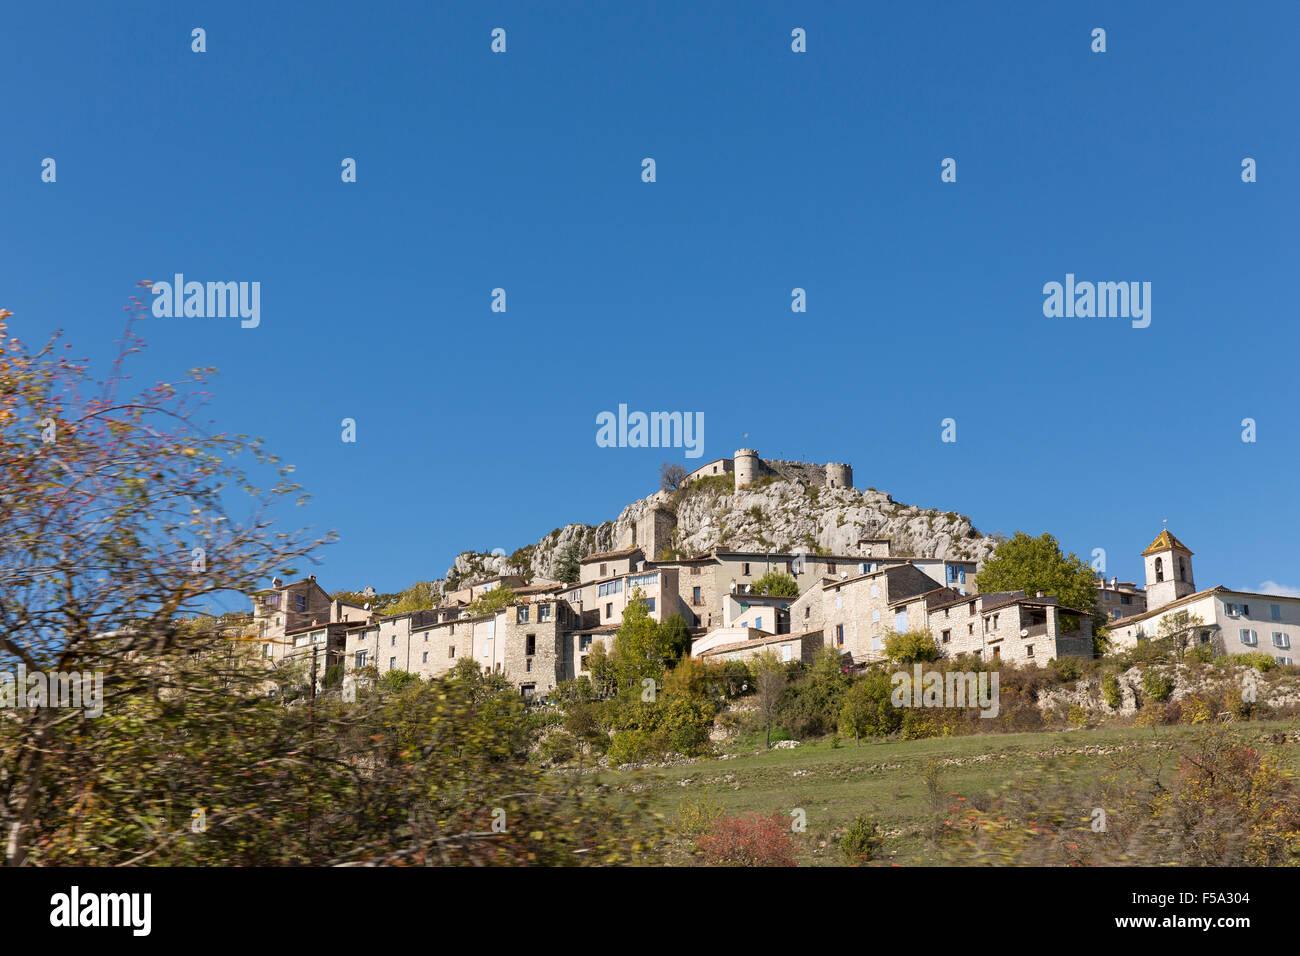 Trigance in der Verdon-Schlucht (Gorges du Verdon) - Stock Image